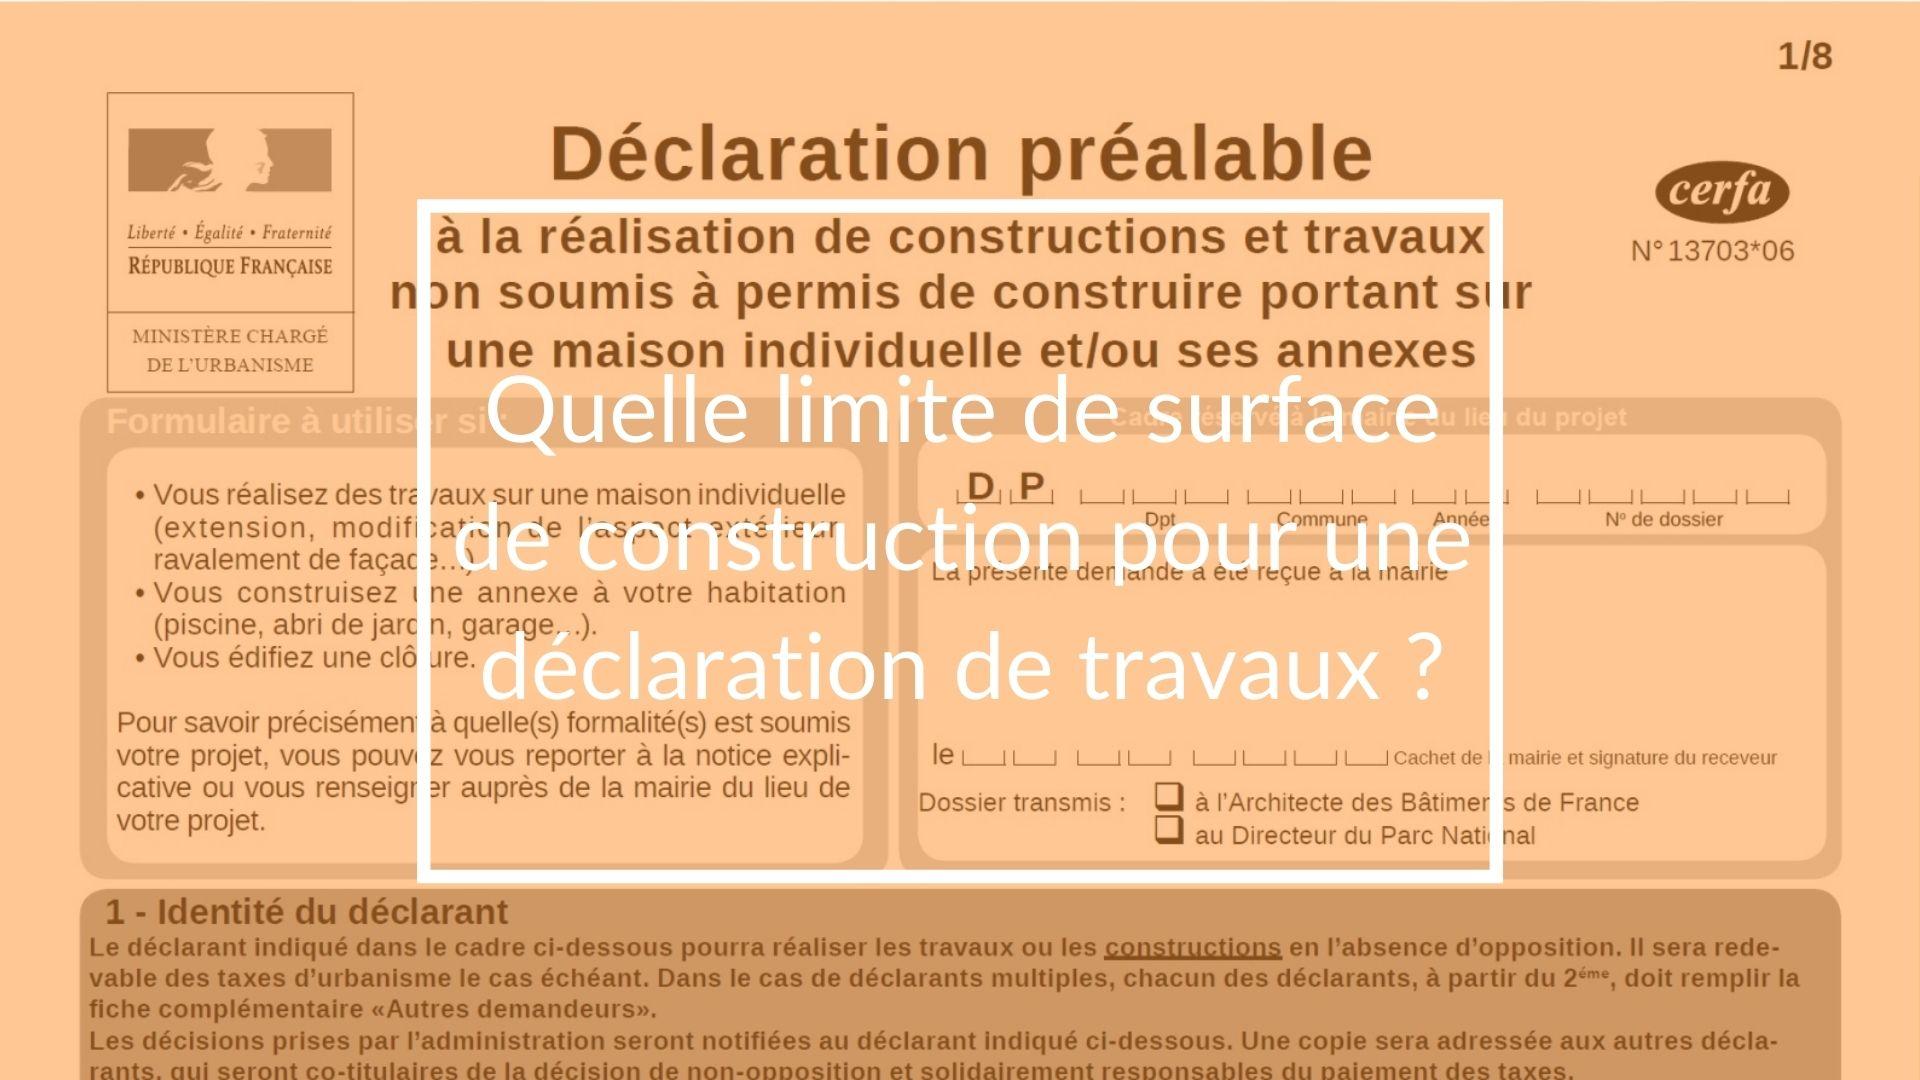 quelle limite de surface de construction pour une déclaration de travaux ?